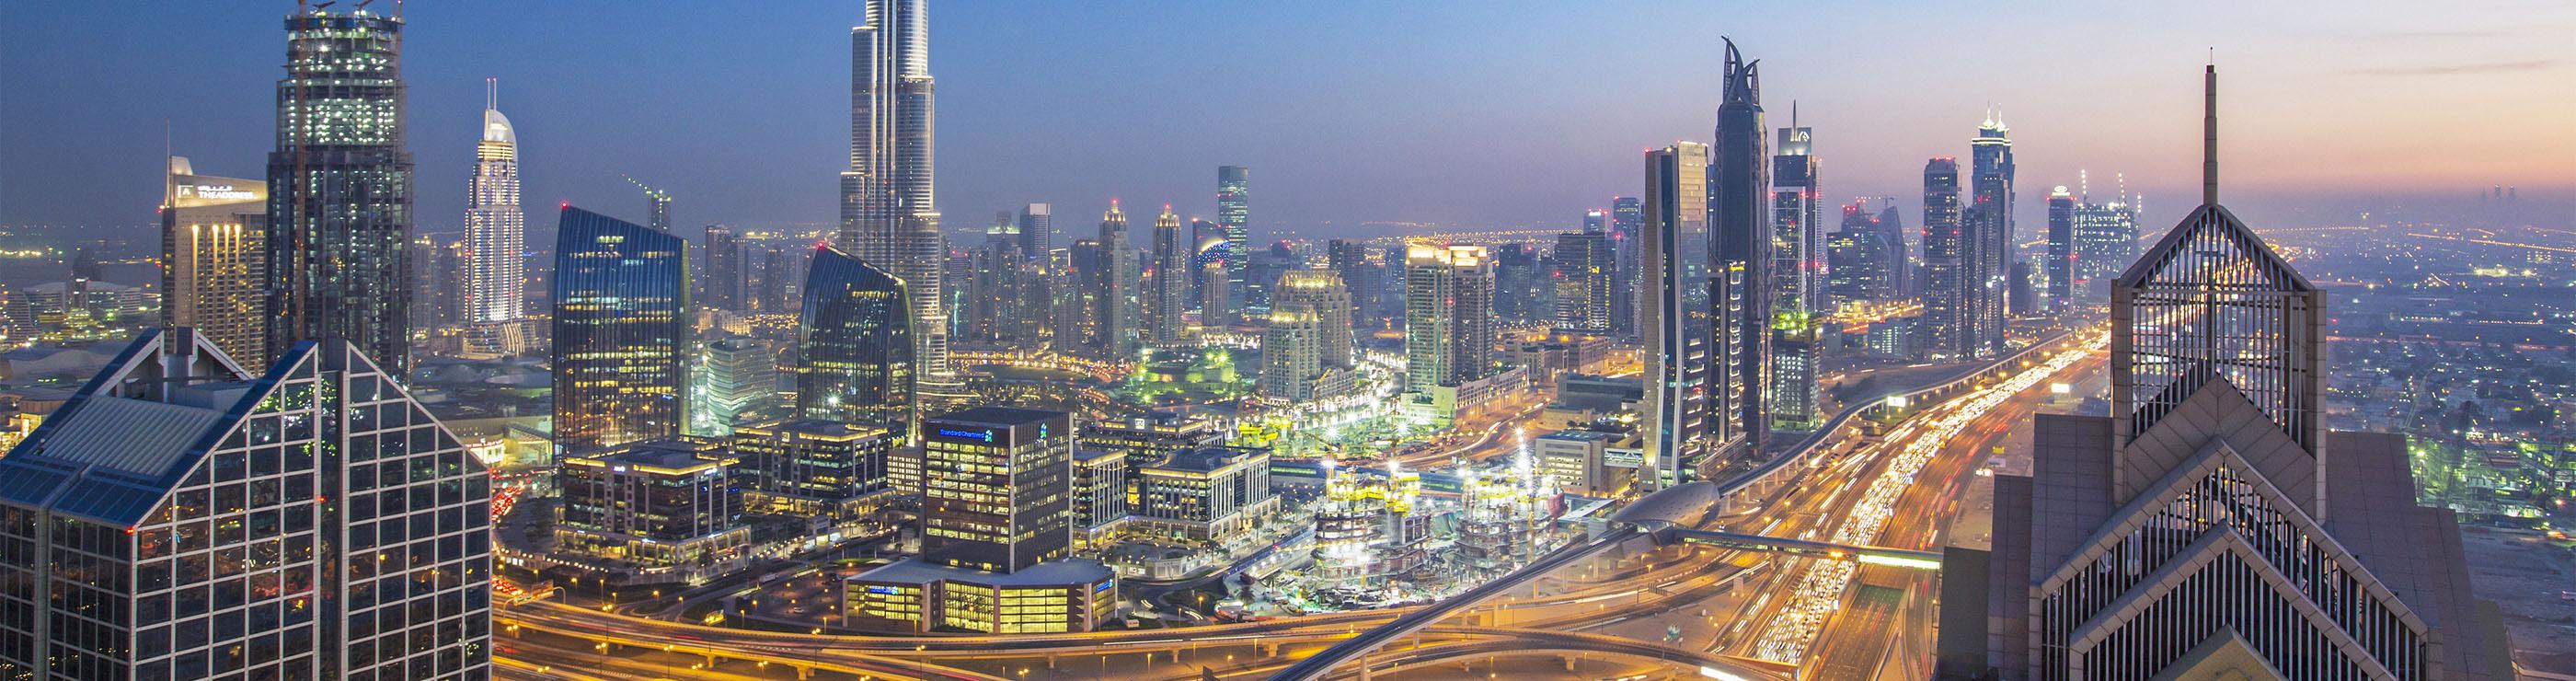 Dubai (Al Safa), United Arab Emirates